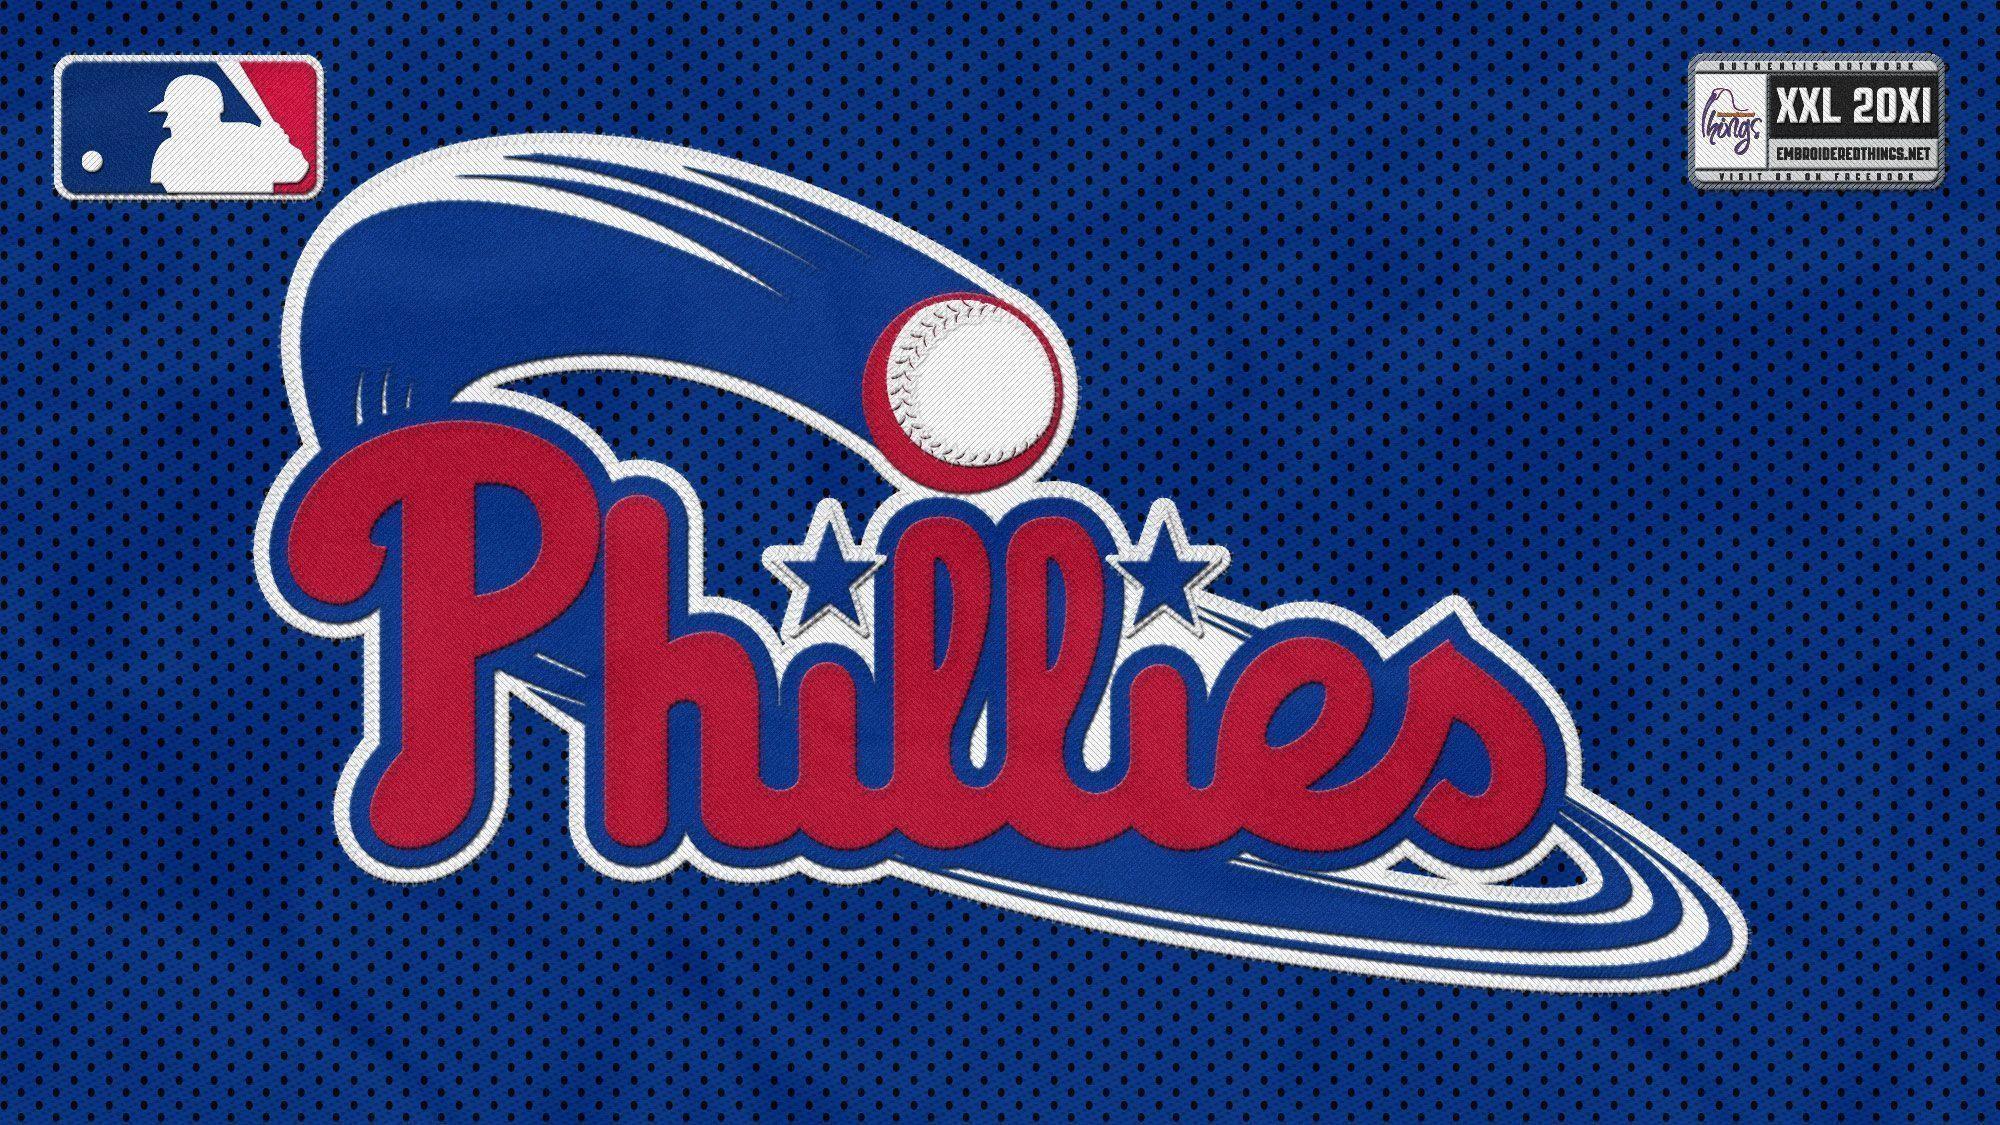 1920x1280 Philadelphia Phillies Wallpapers